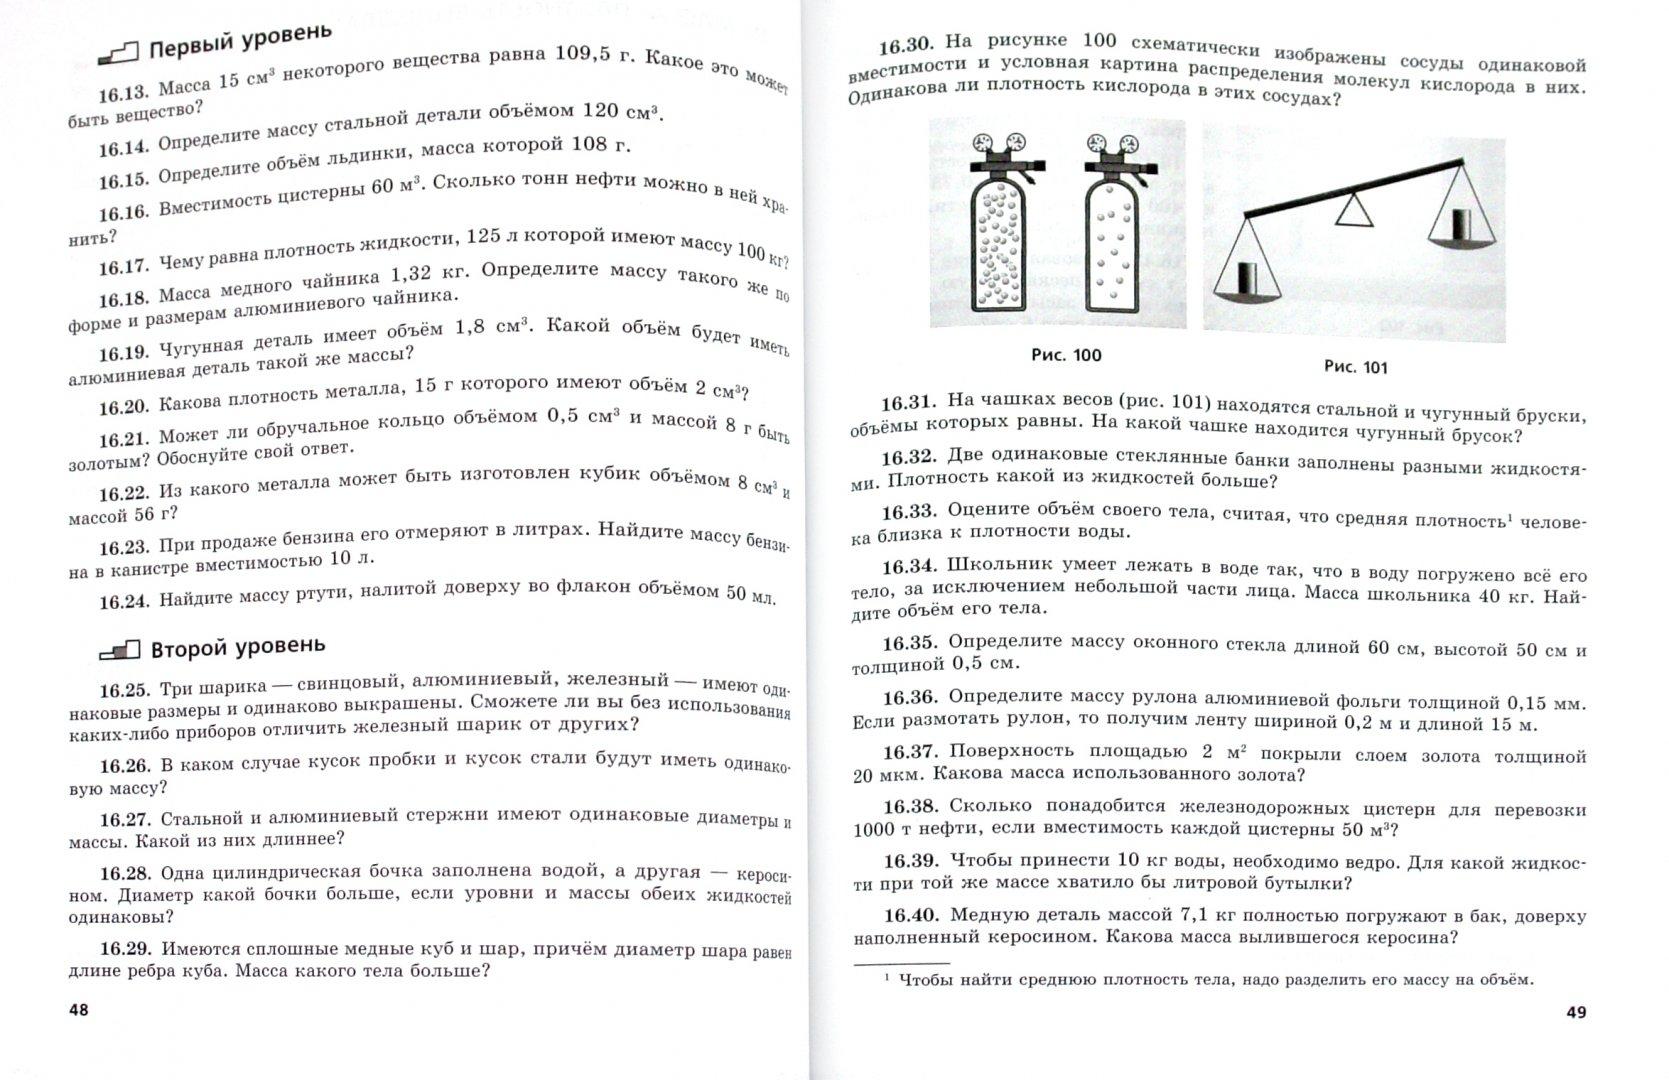 Иллюстрация 1 из 8 для Физика. 7 класс. В 2-х частях. Часть 2. Задачник для общеобразовательных учреждений - Бунчук, Генденштейн, Кирик, Гельфгат, Ненашев | Лабиринт - книги. Источник: Лабиринт